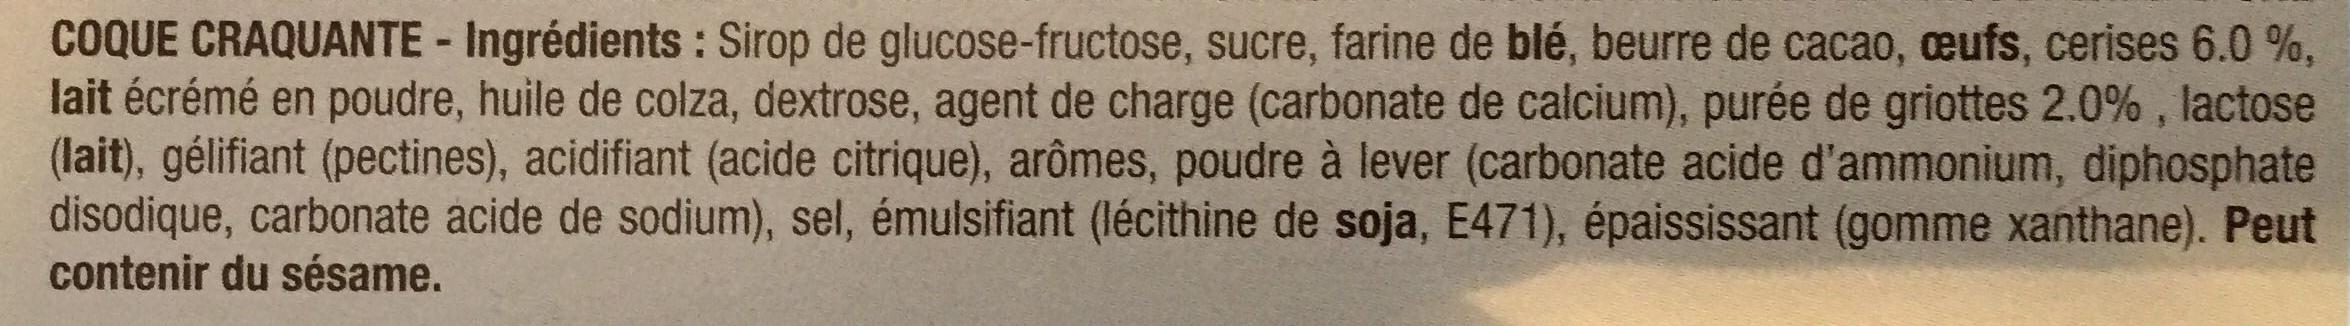 PiM's L'Original Cerise touche de Griotte - Ingrédients